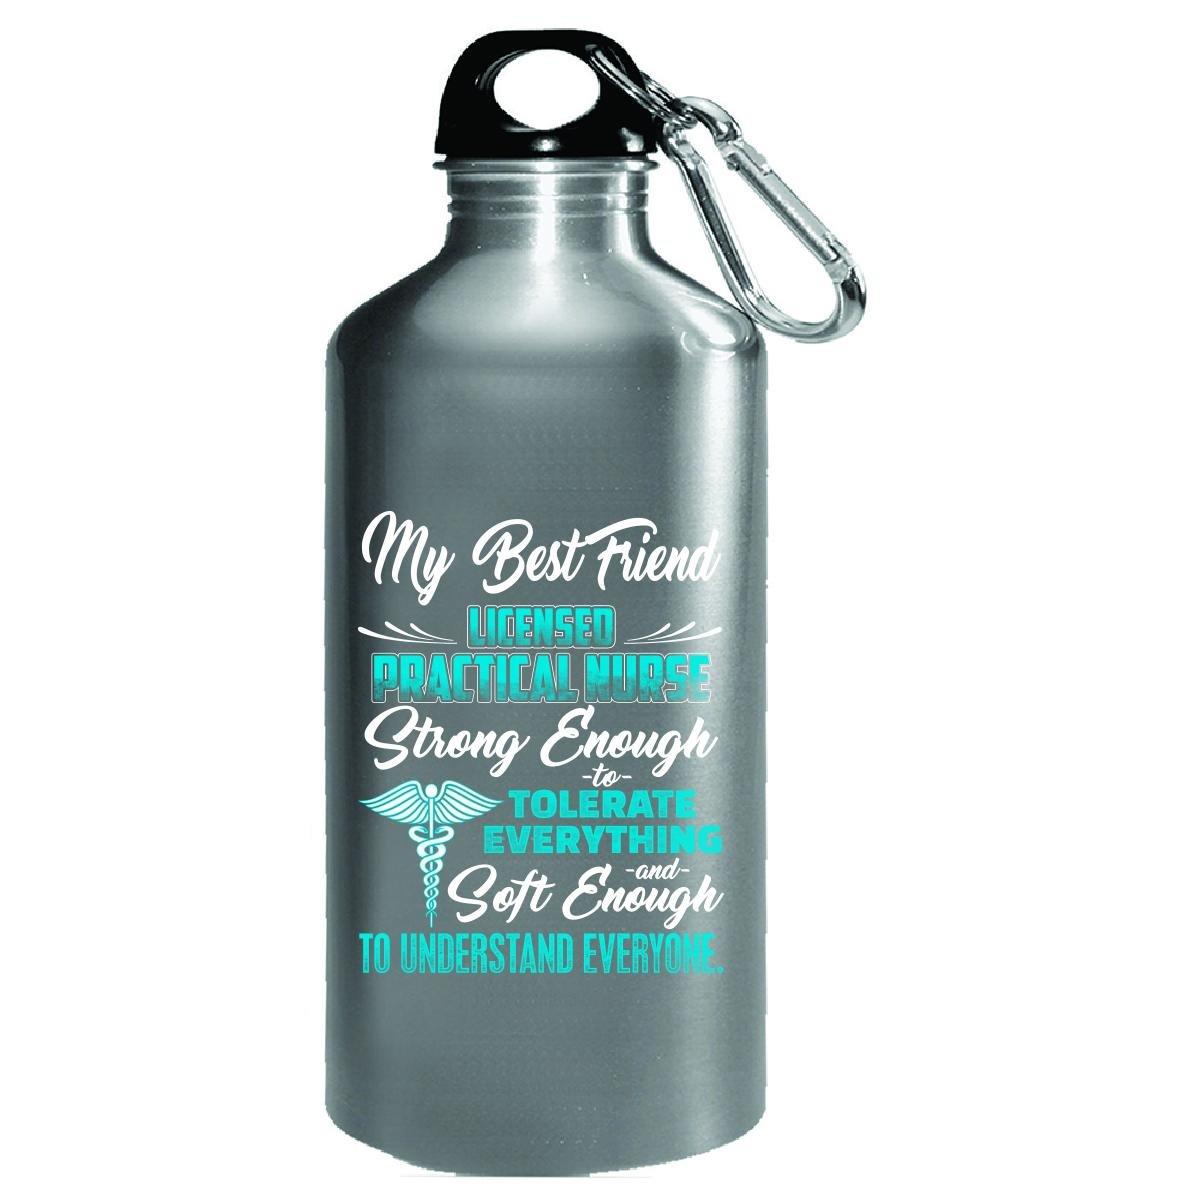 Licensed実用的看護婦 – LPN Best Friend看護婦の週ギフト – 水ボトル B07C977MJ4